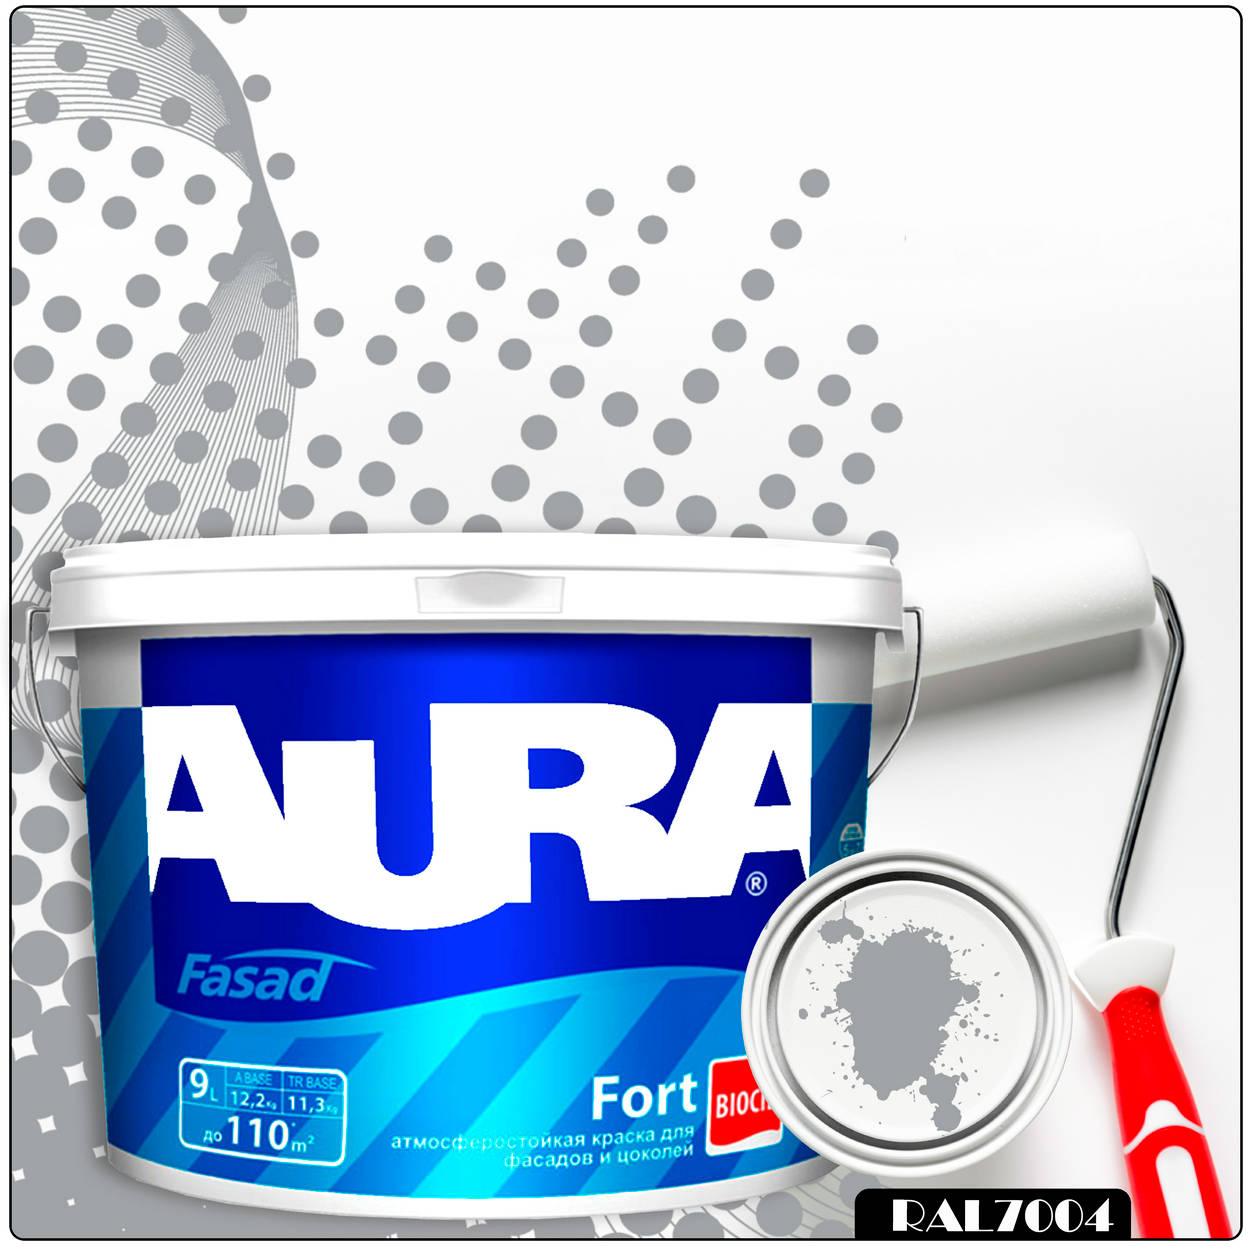 Фото 4 - Краска Aura Fasad Fort, RAL 7004 Серый сигнальный, латексная, матовая, для фасада и цоколей, 9л, Аура.